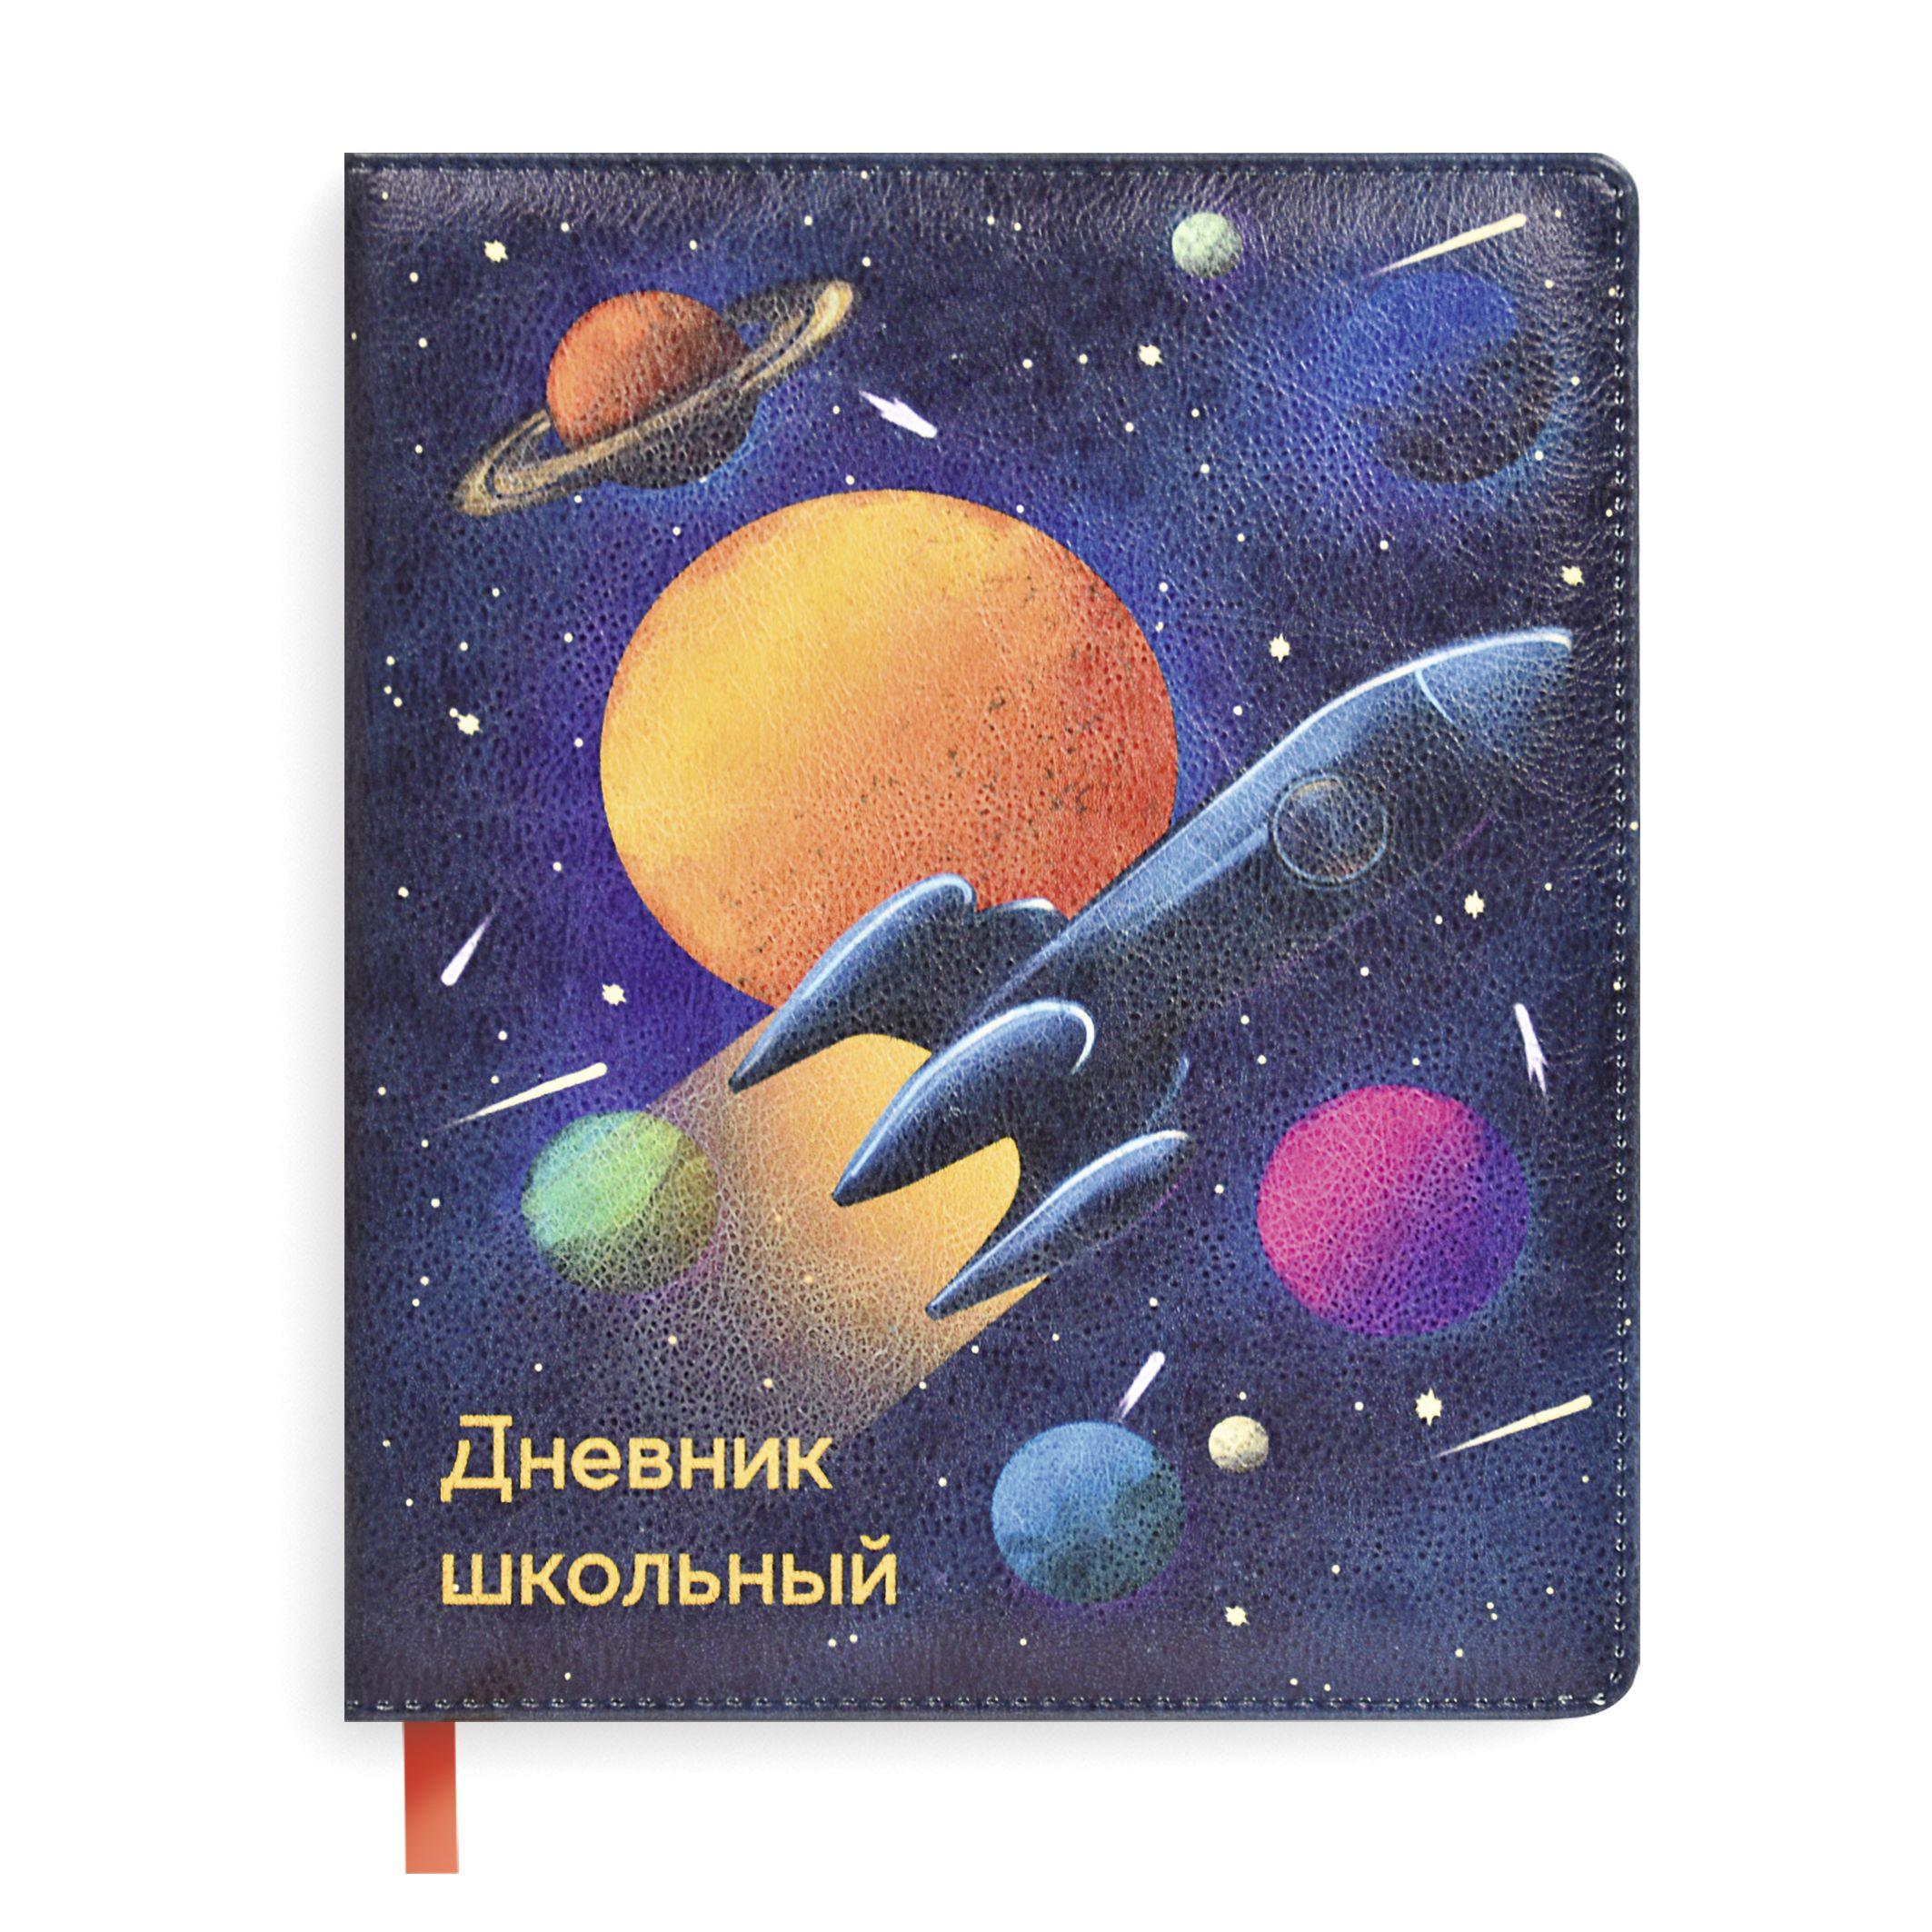 Дневник ст кл Космос (иск/кожа)